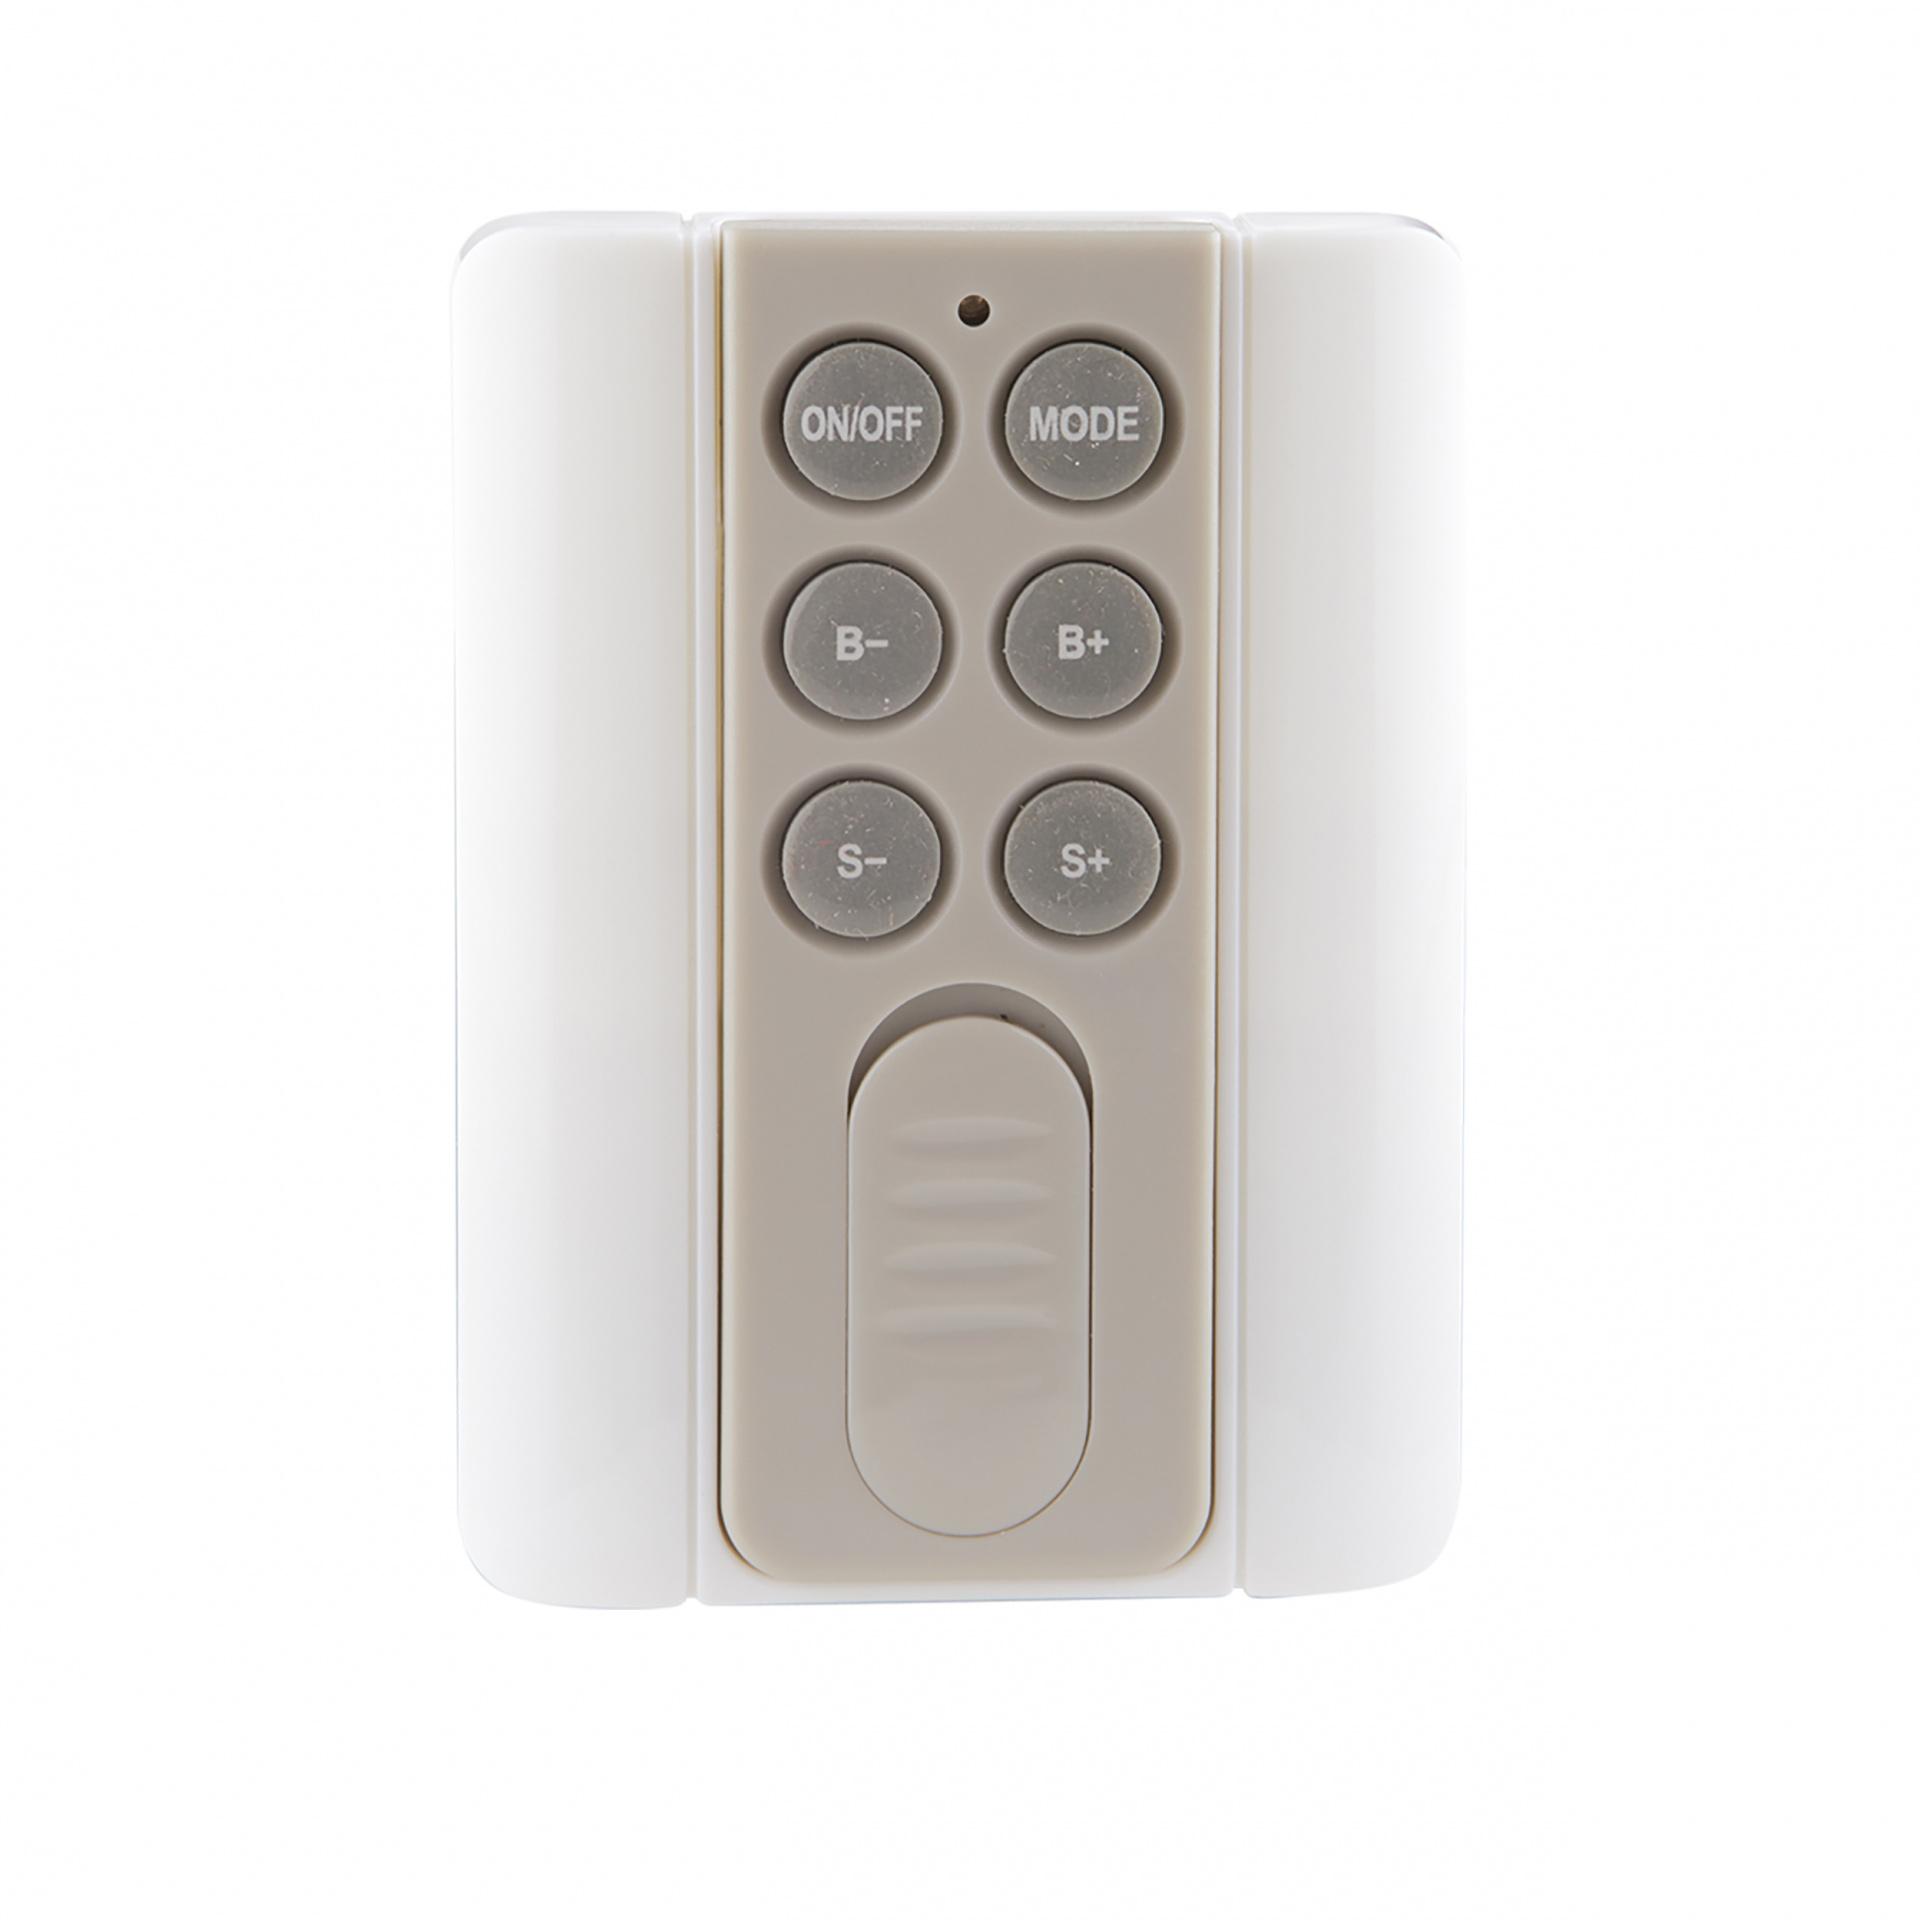 Контроллер Master Wi-Fi + RC LED RGB 12V/24V max 4A*3CH Lightstar 410904, купить в СПб, Москве, с доставкой, Санкт-Петербург, интернет-магазин люстр и светильников Starlight, фото в жизни